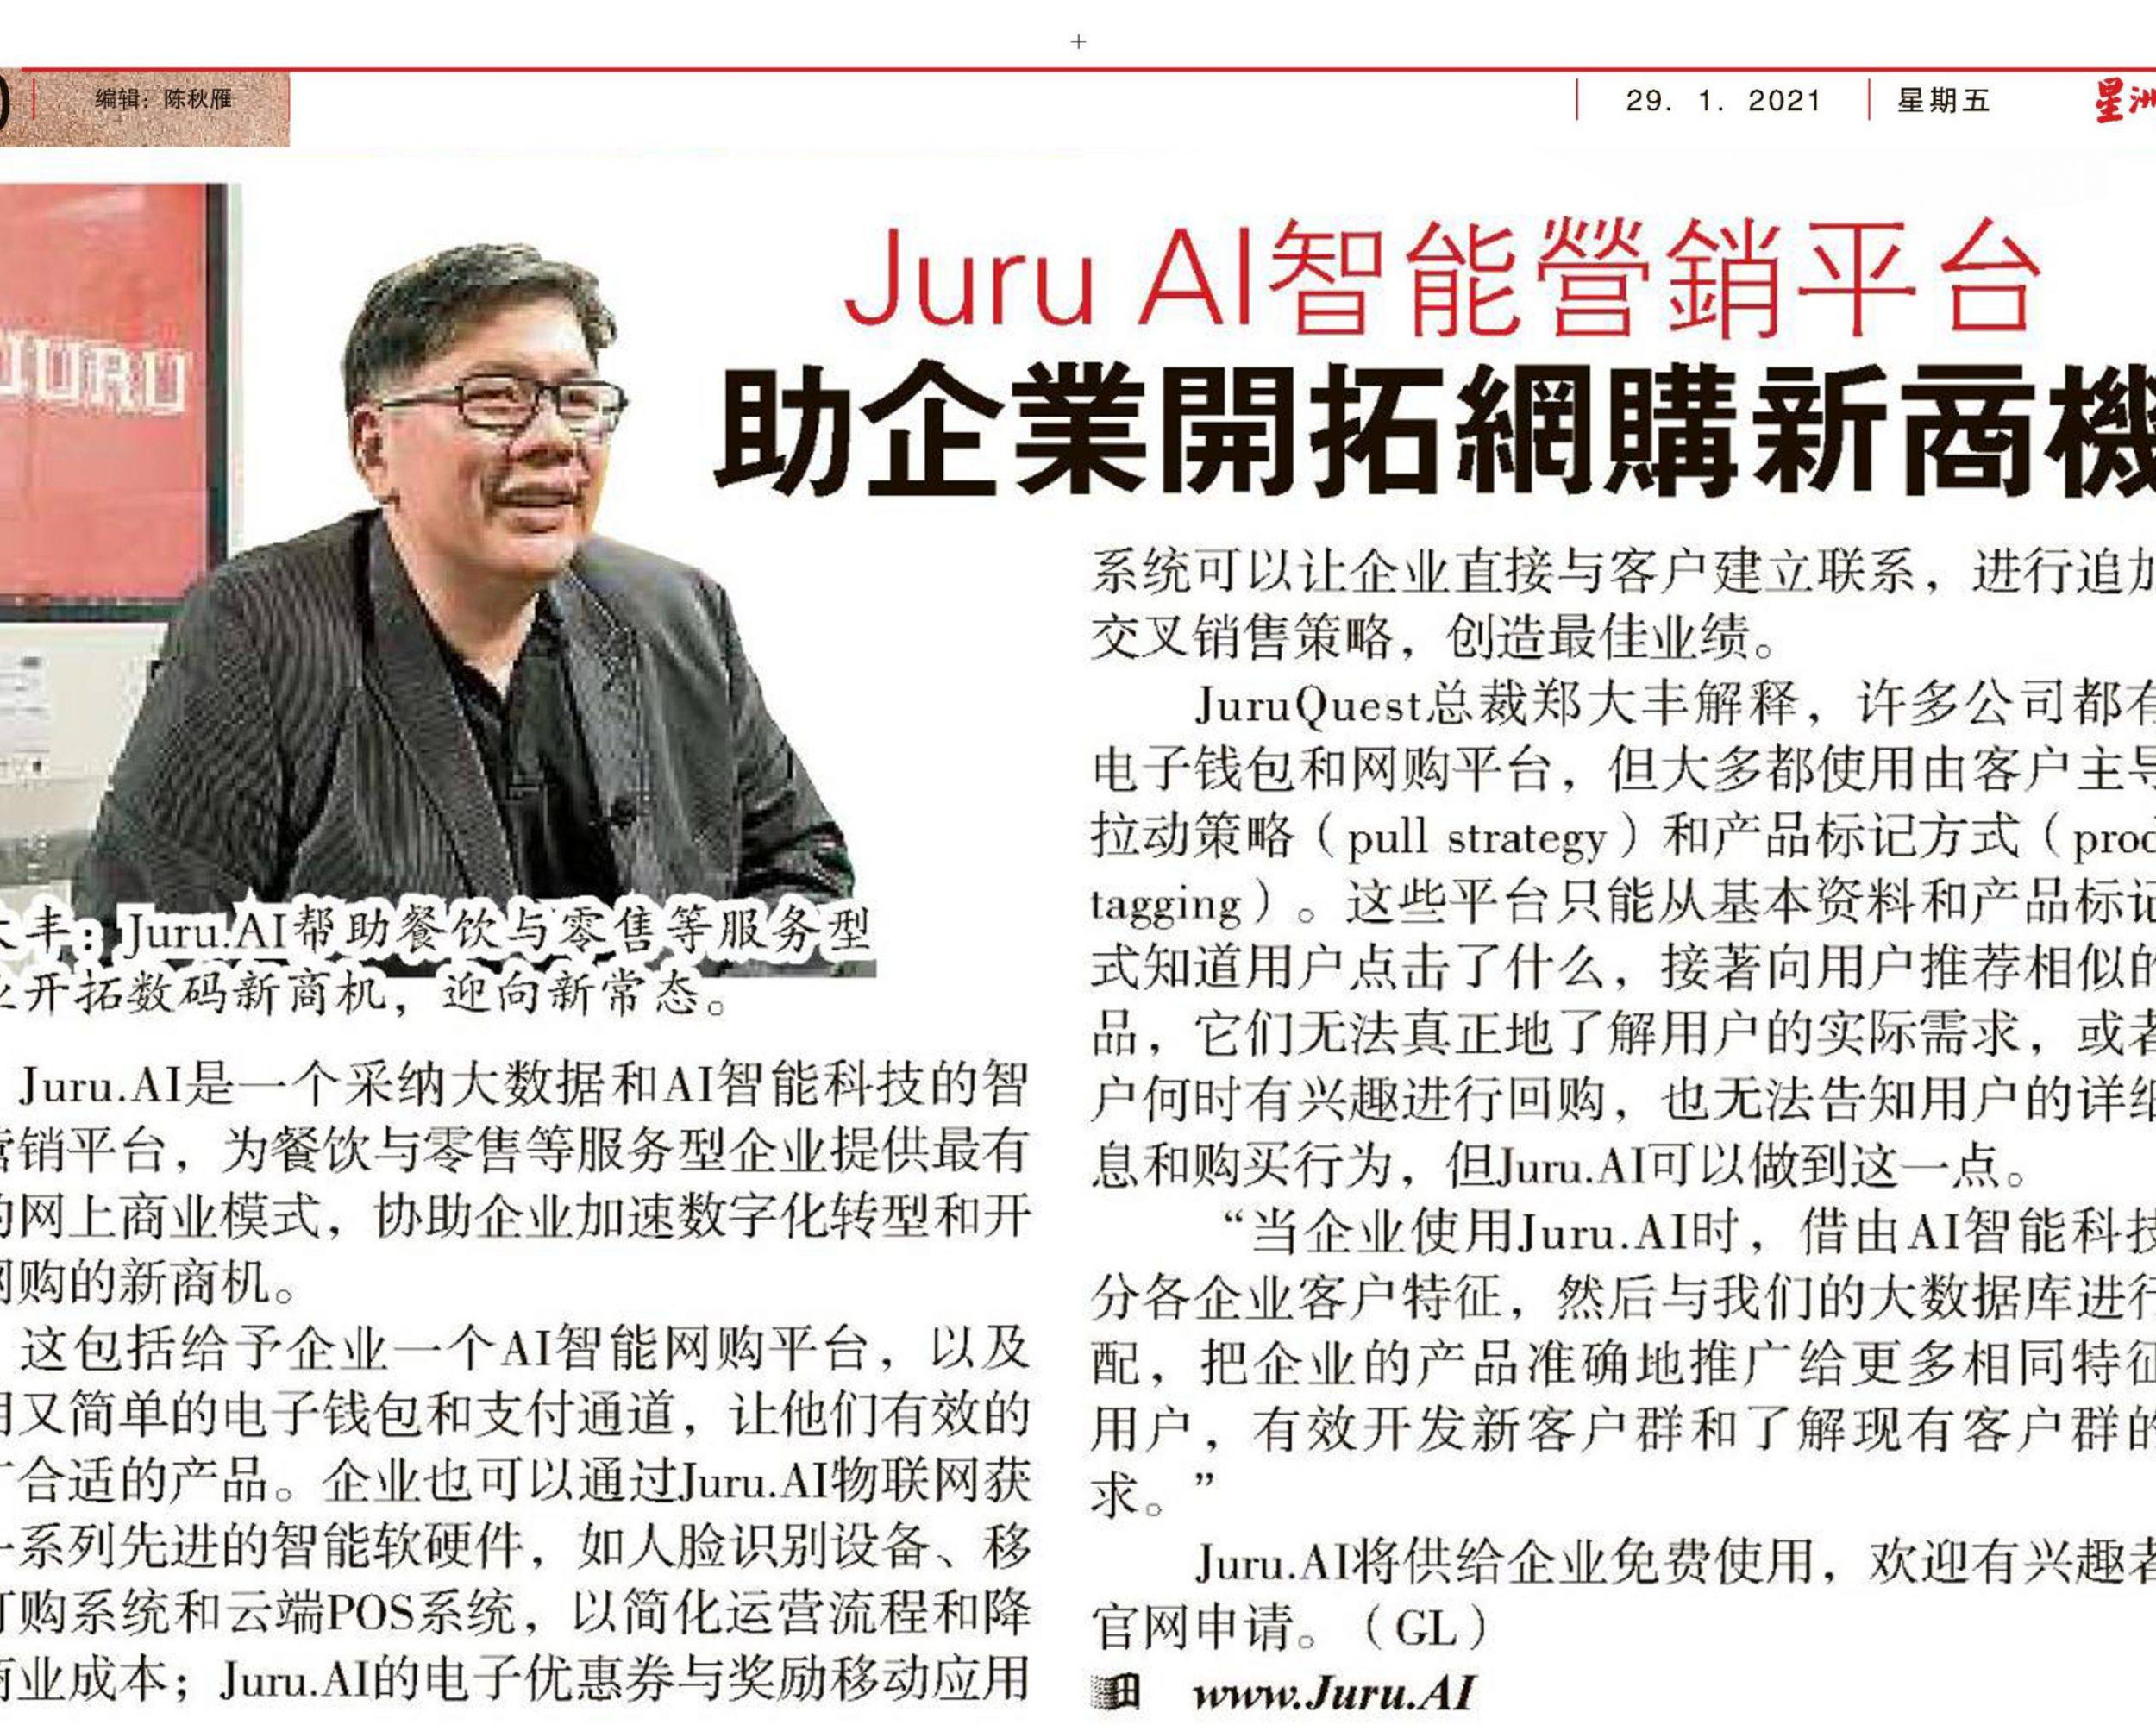 JuruAI in Sin Chew Newspaper on 29.1.2021